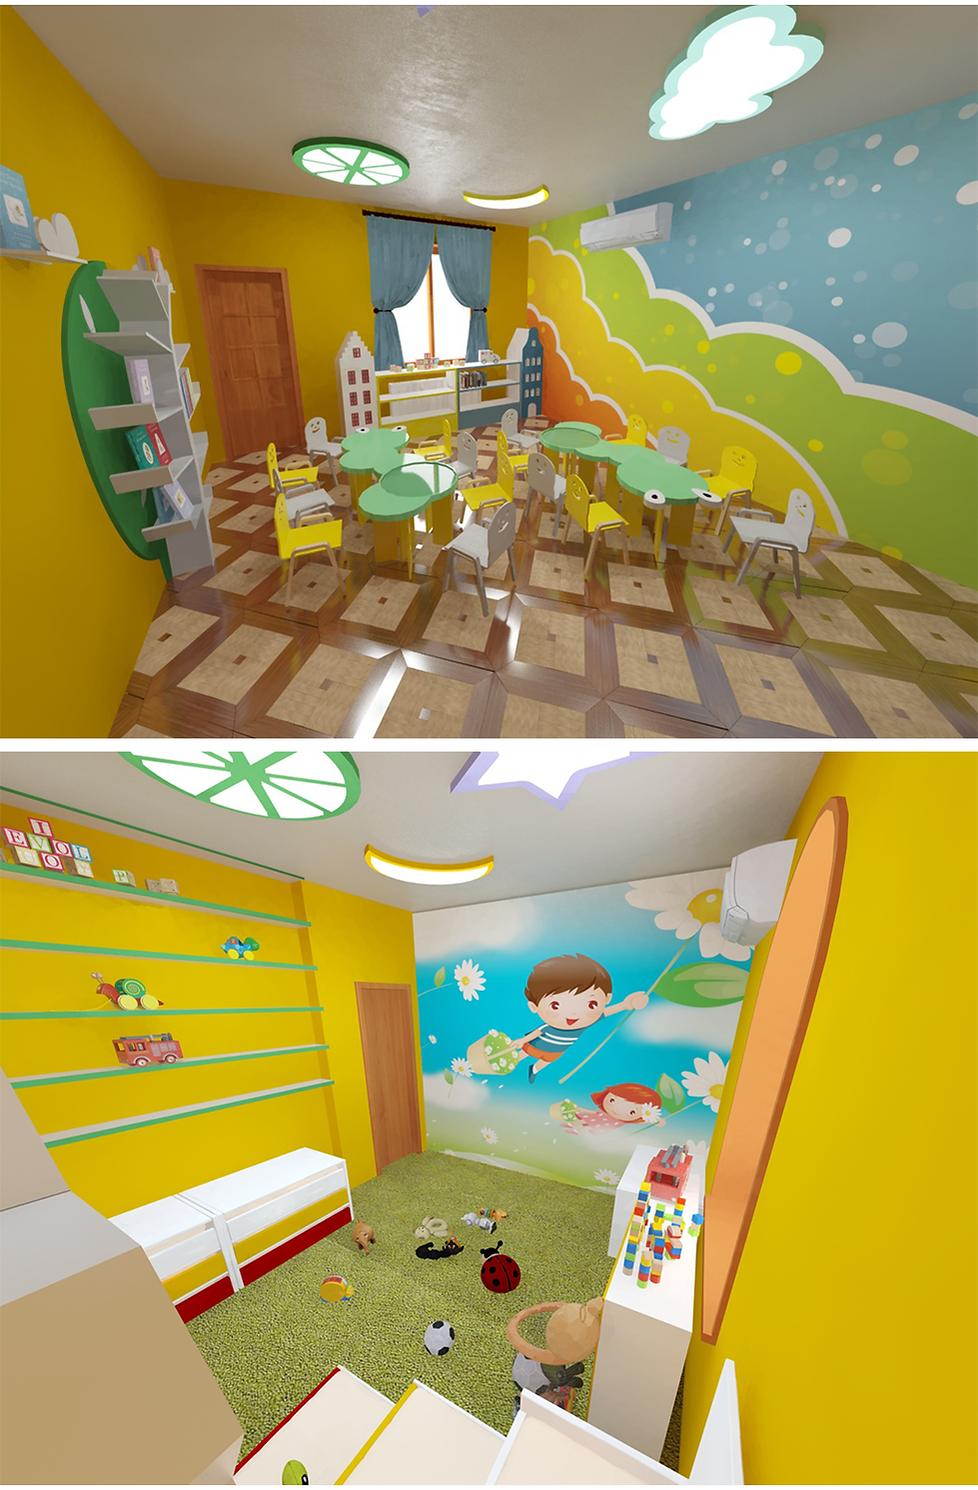 საბავშვო ბაღის ინტერიერის დიზაინი neverland